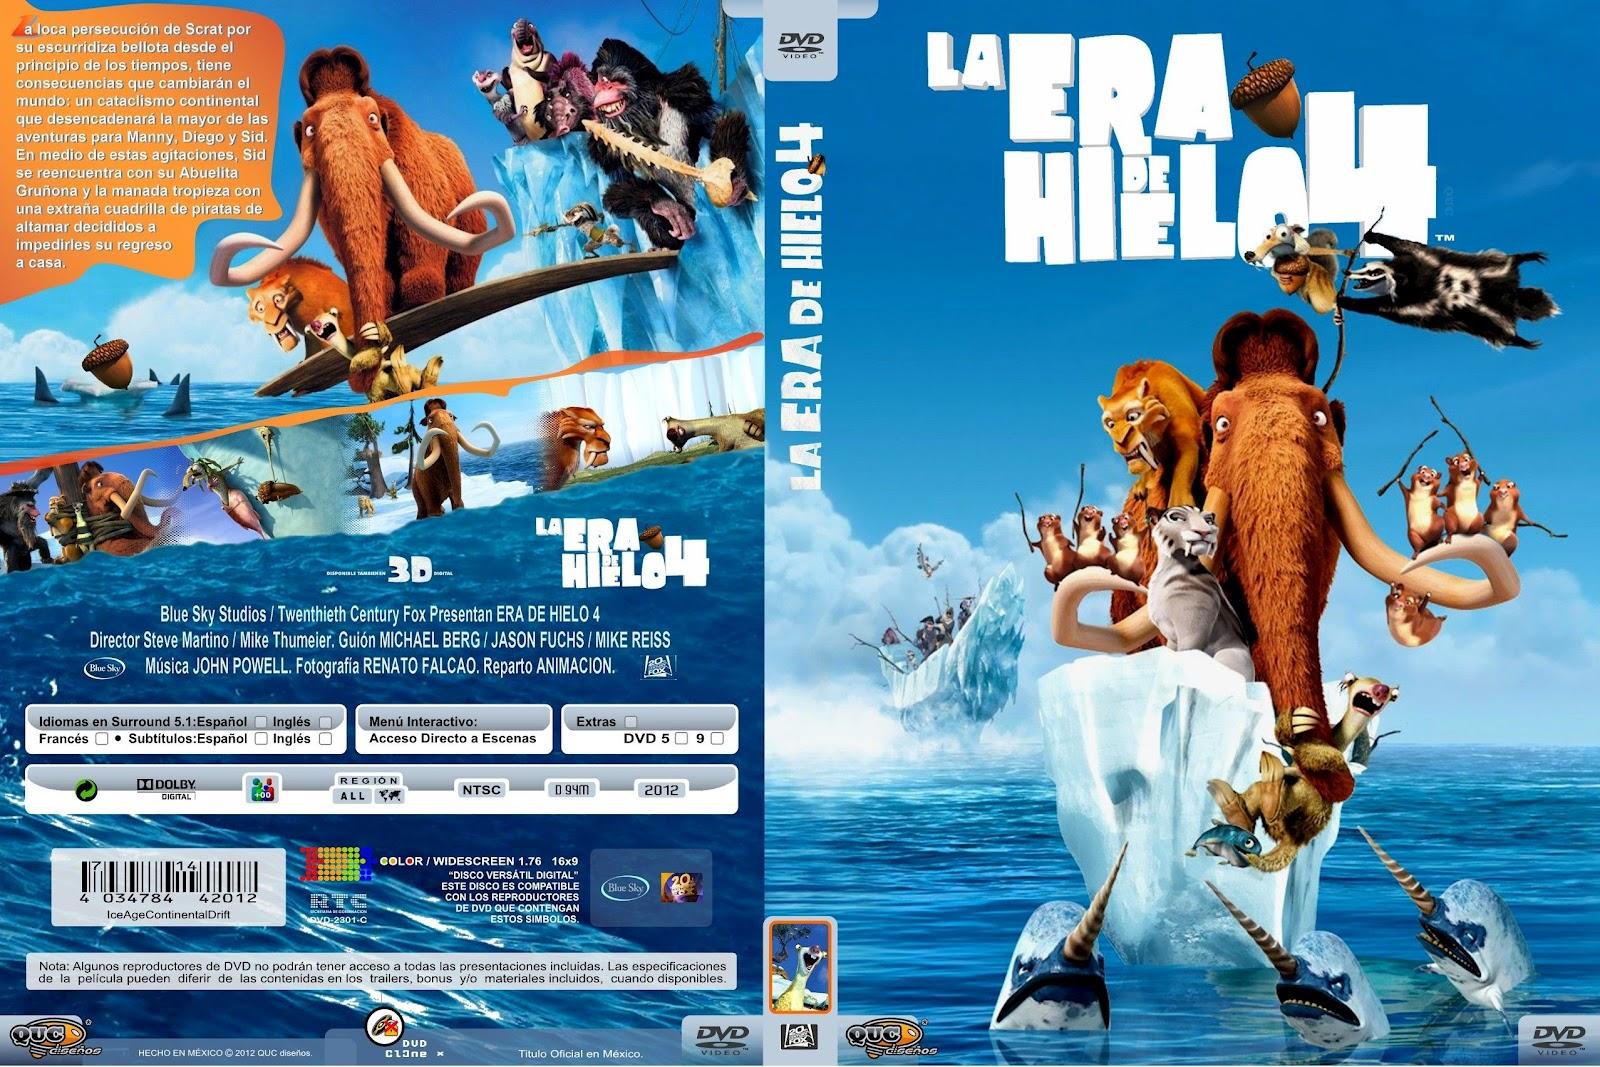 LA ERA DE HIELO 4 (2012) - La formación de los continentes